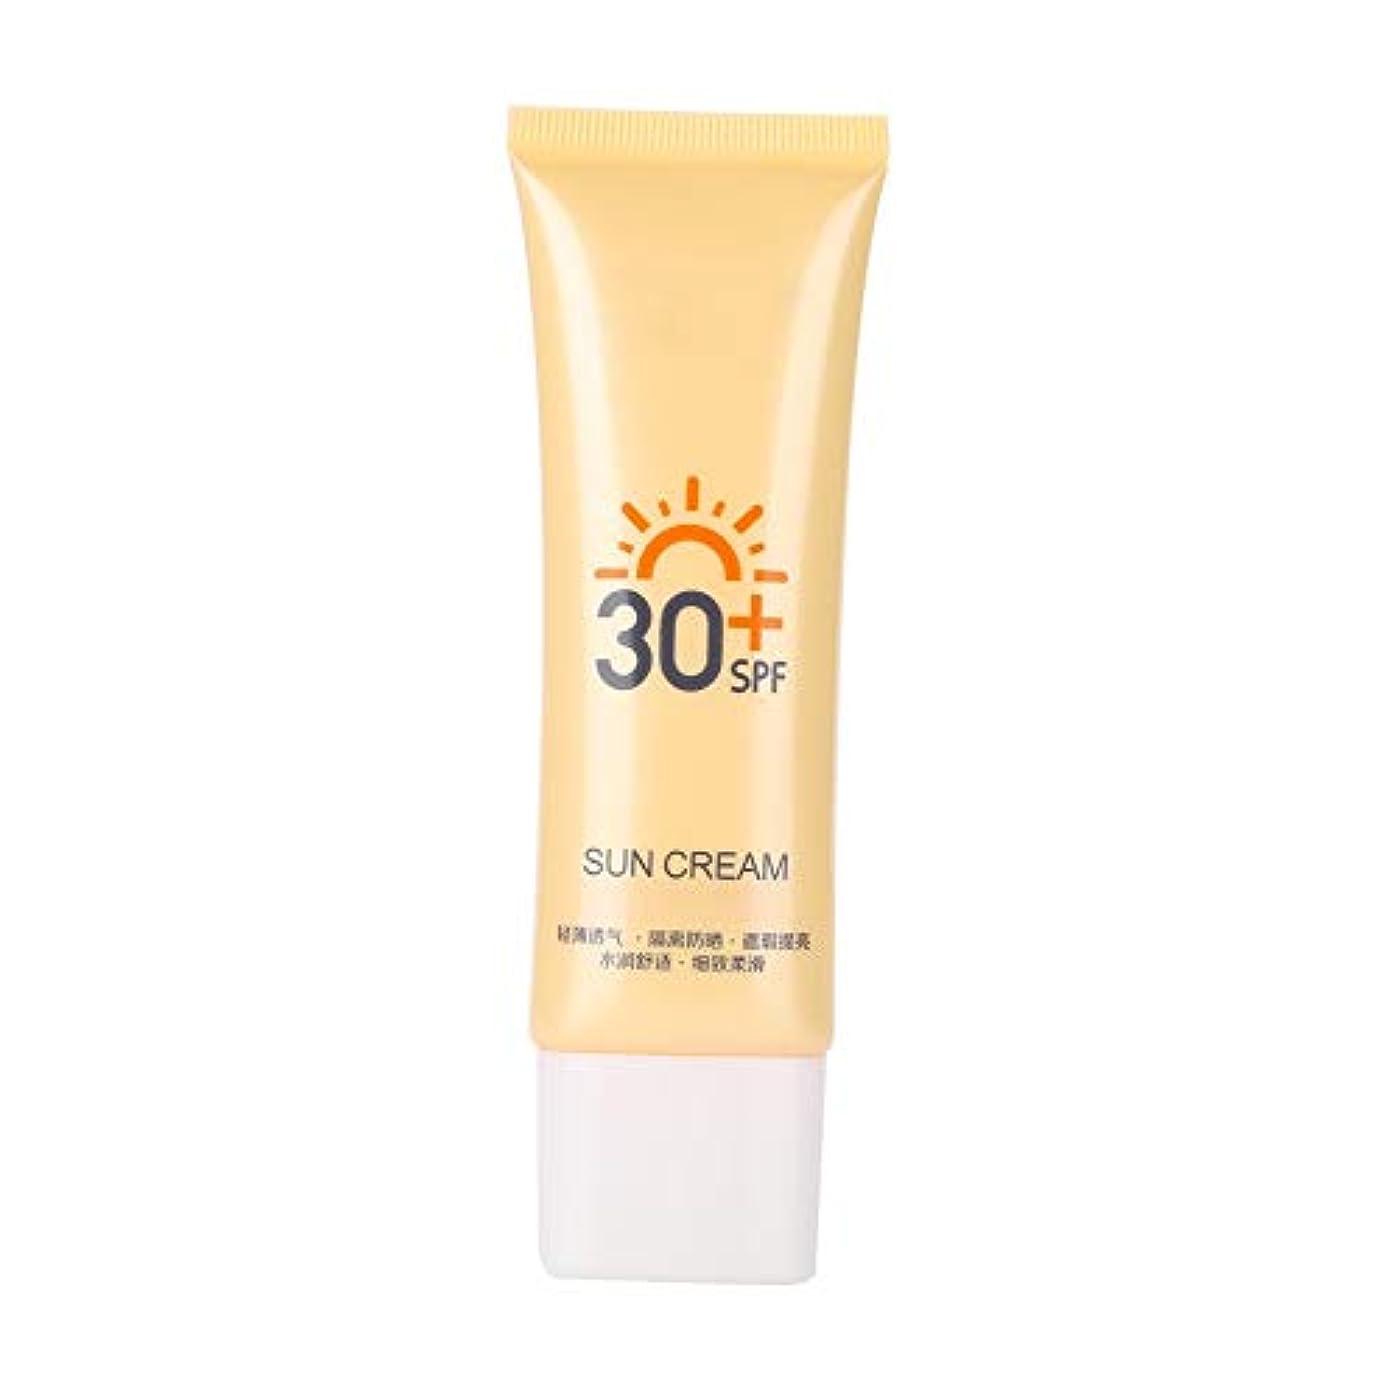 日焼け止め、日焼け止め、日焼け止めを白くする、保湿日焼け止めをする、さわやかで潤いを与える保湿日焼け止めを塗る、撥水および汗止め、分離40g